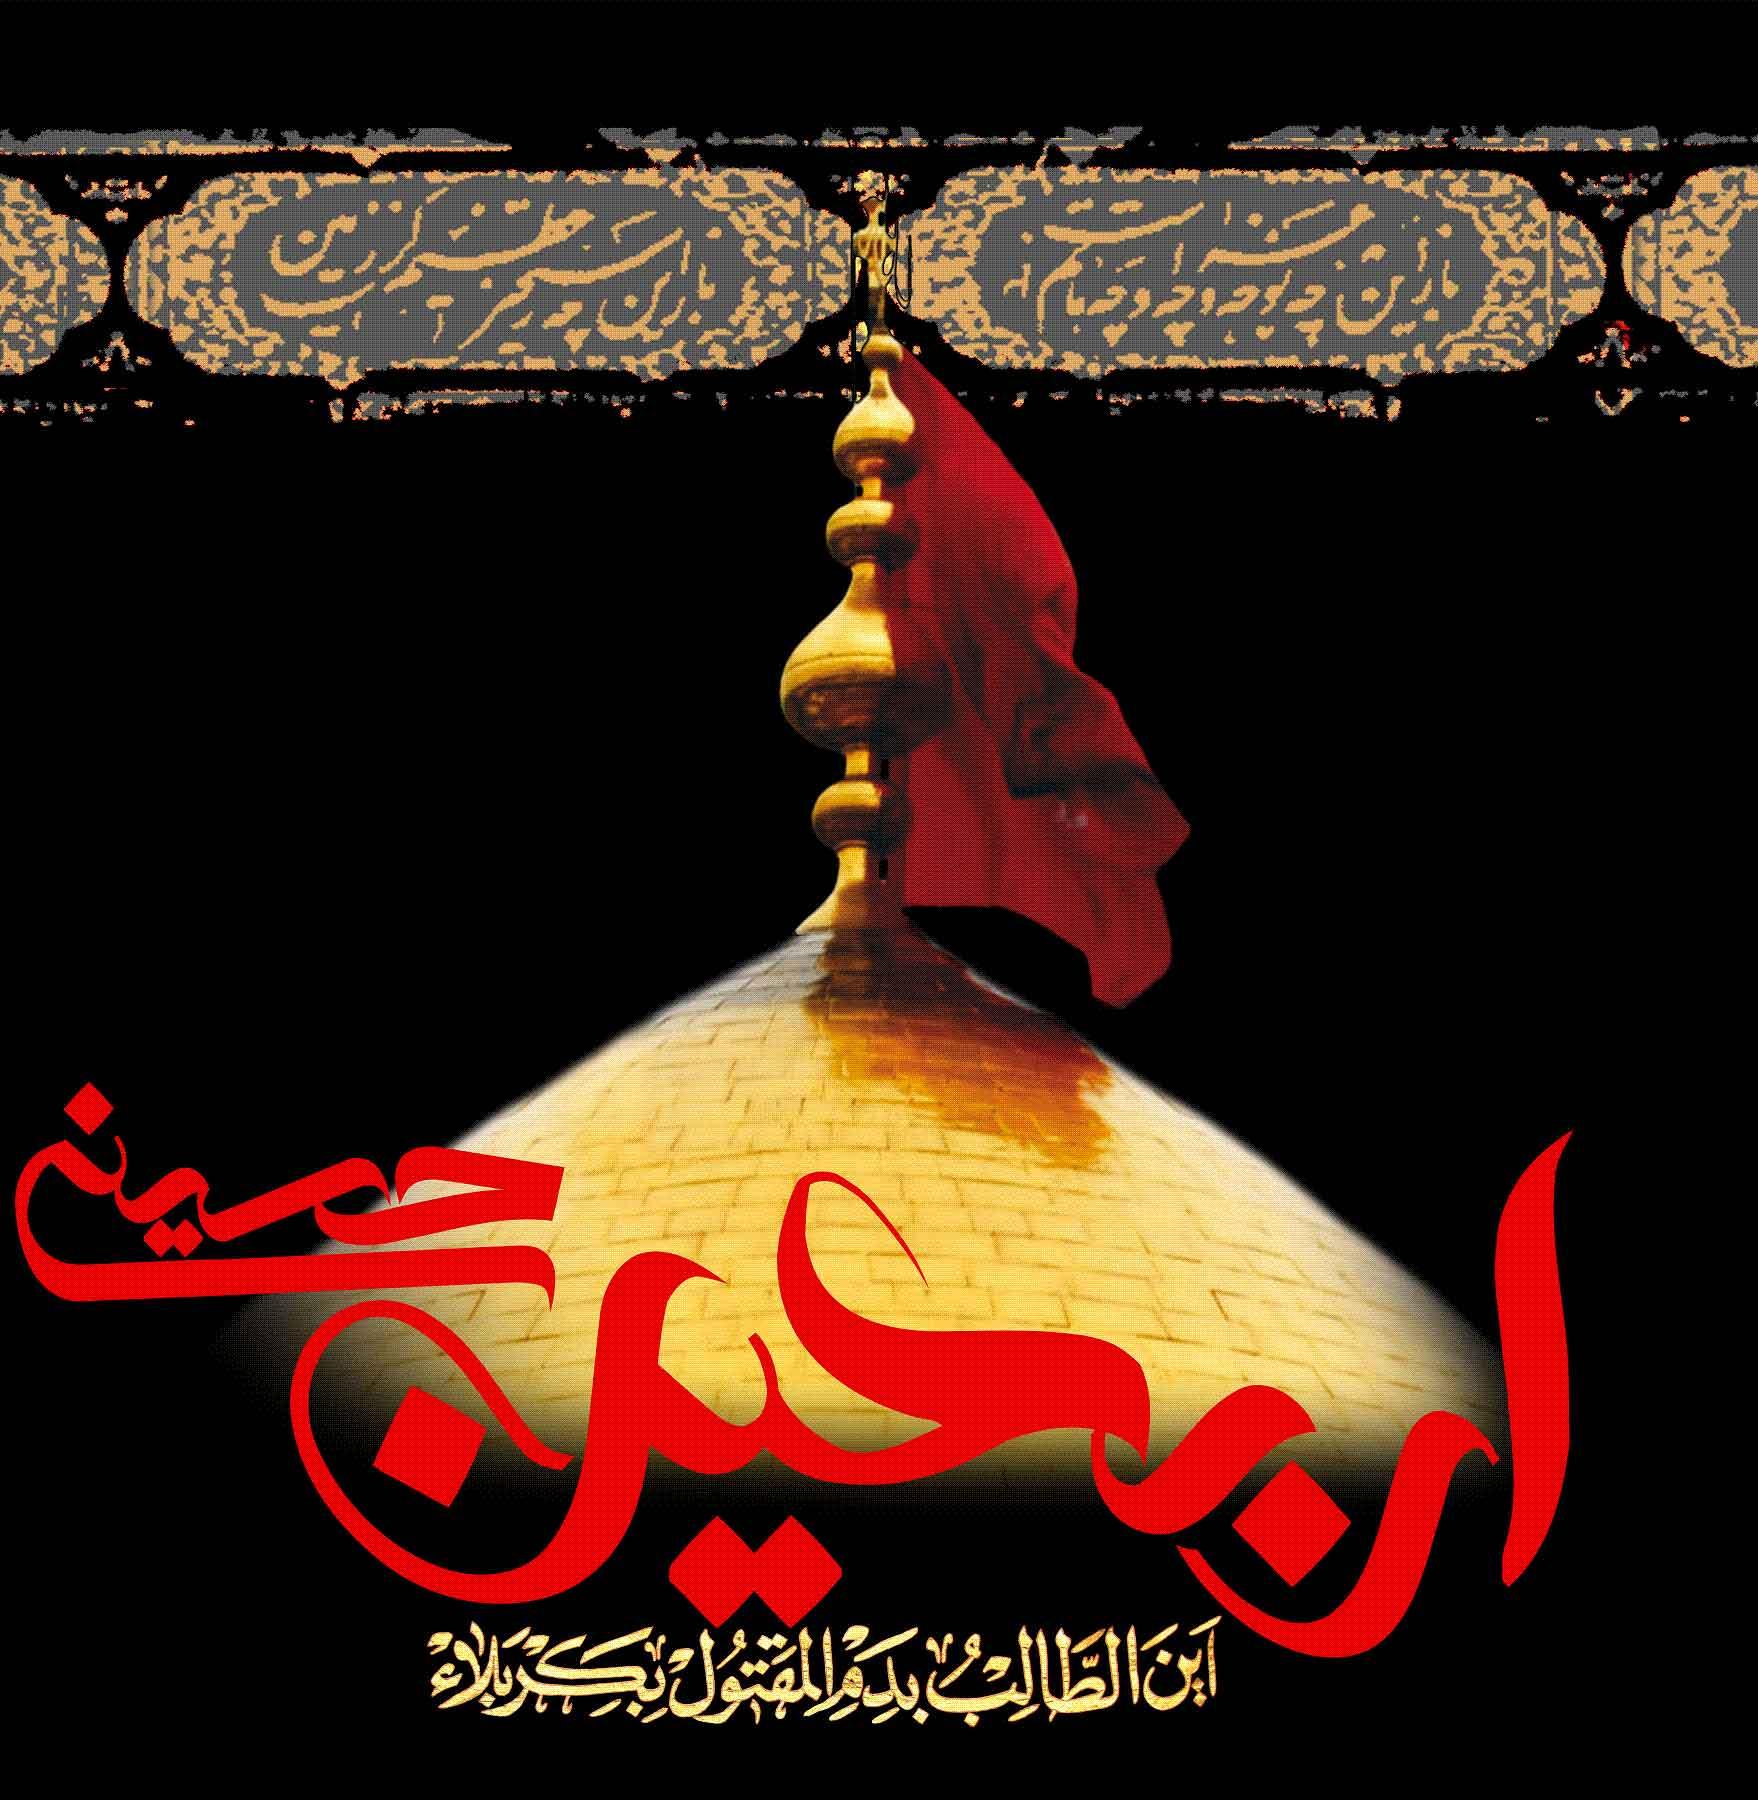 اعمال شب و روز اربعین حسینی + متن زیارت اربعین